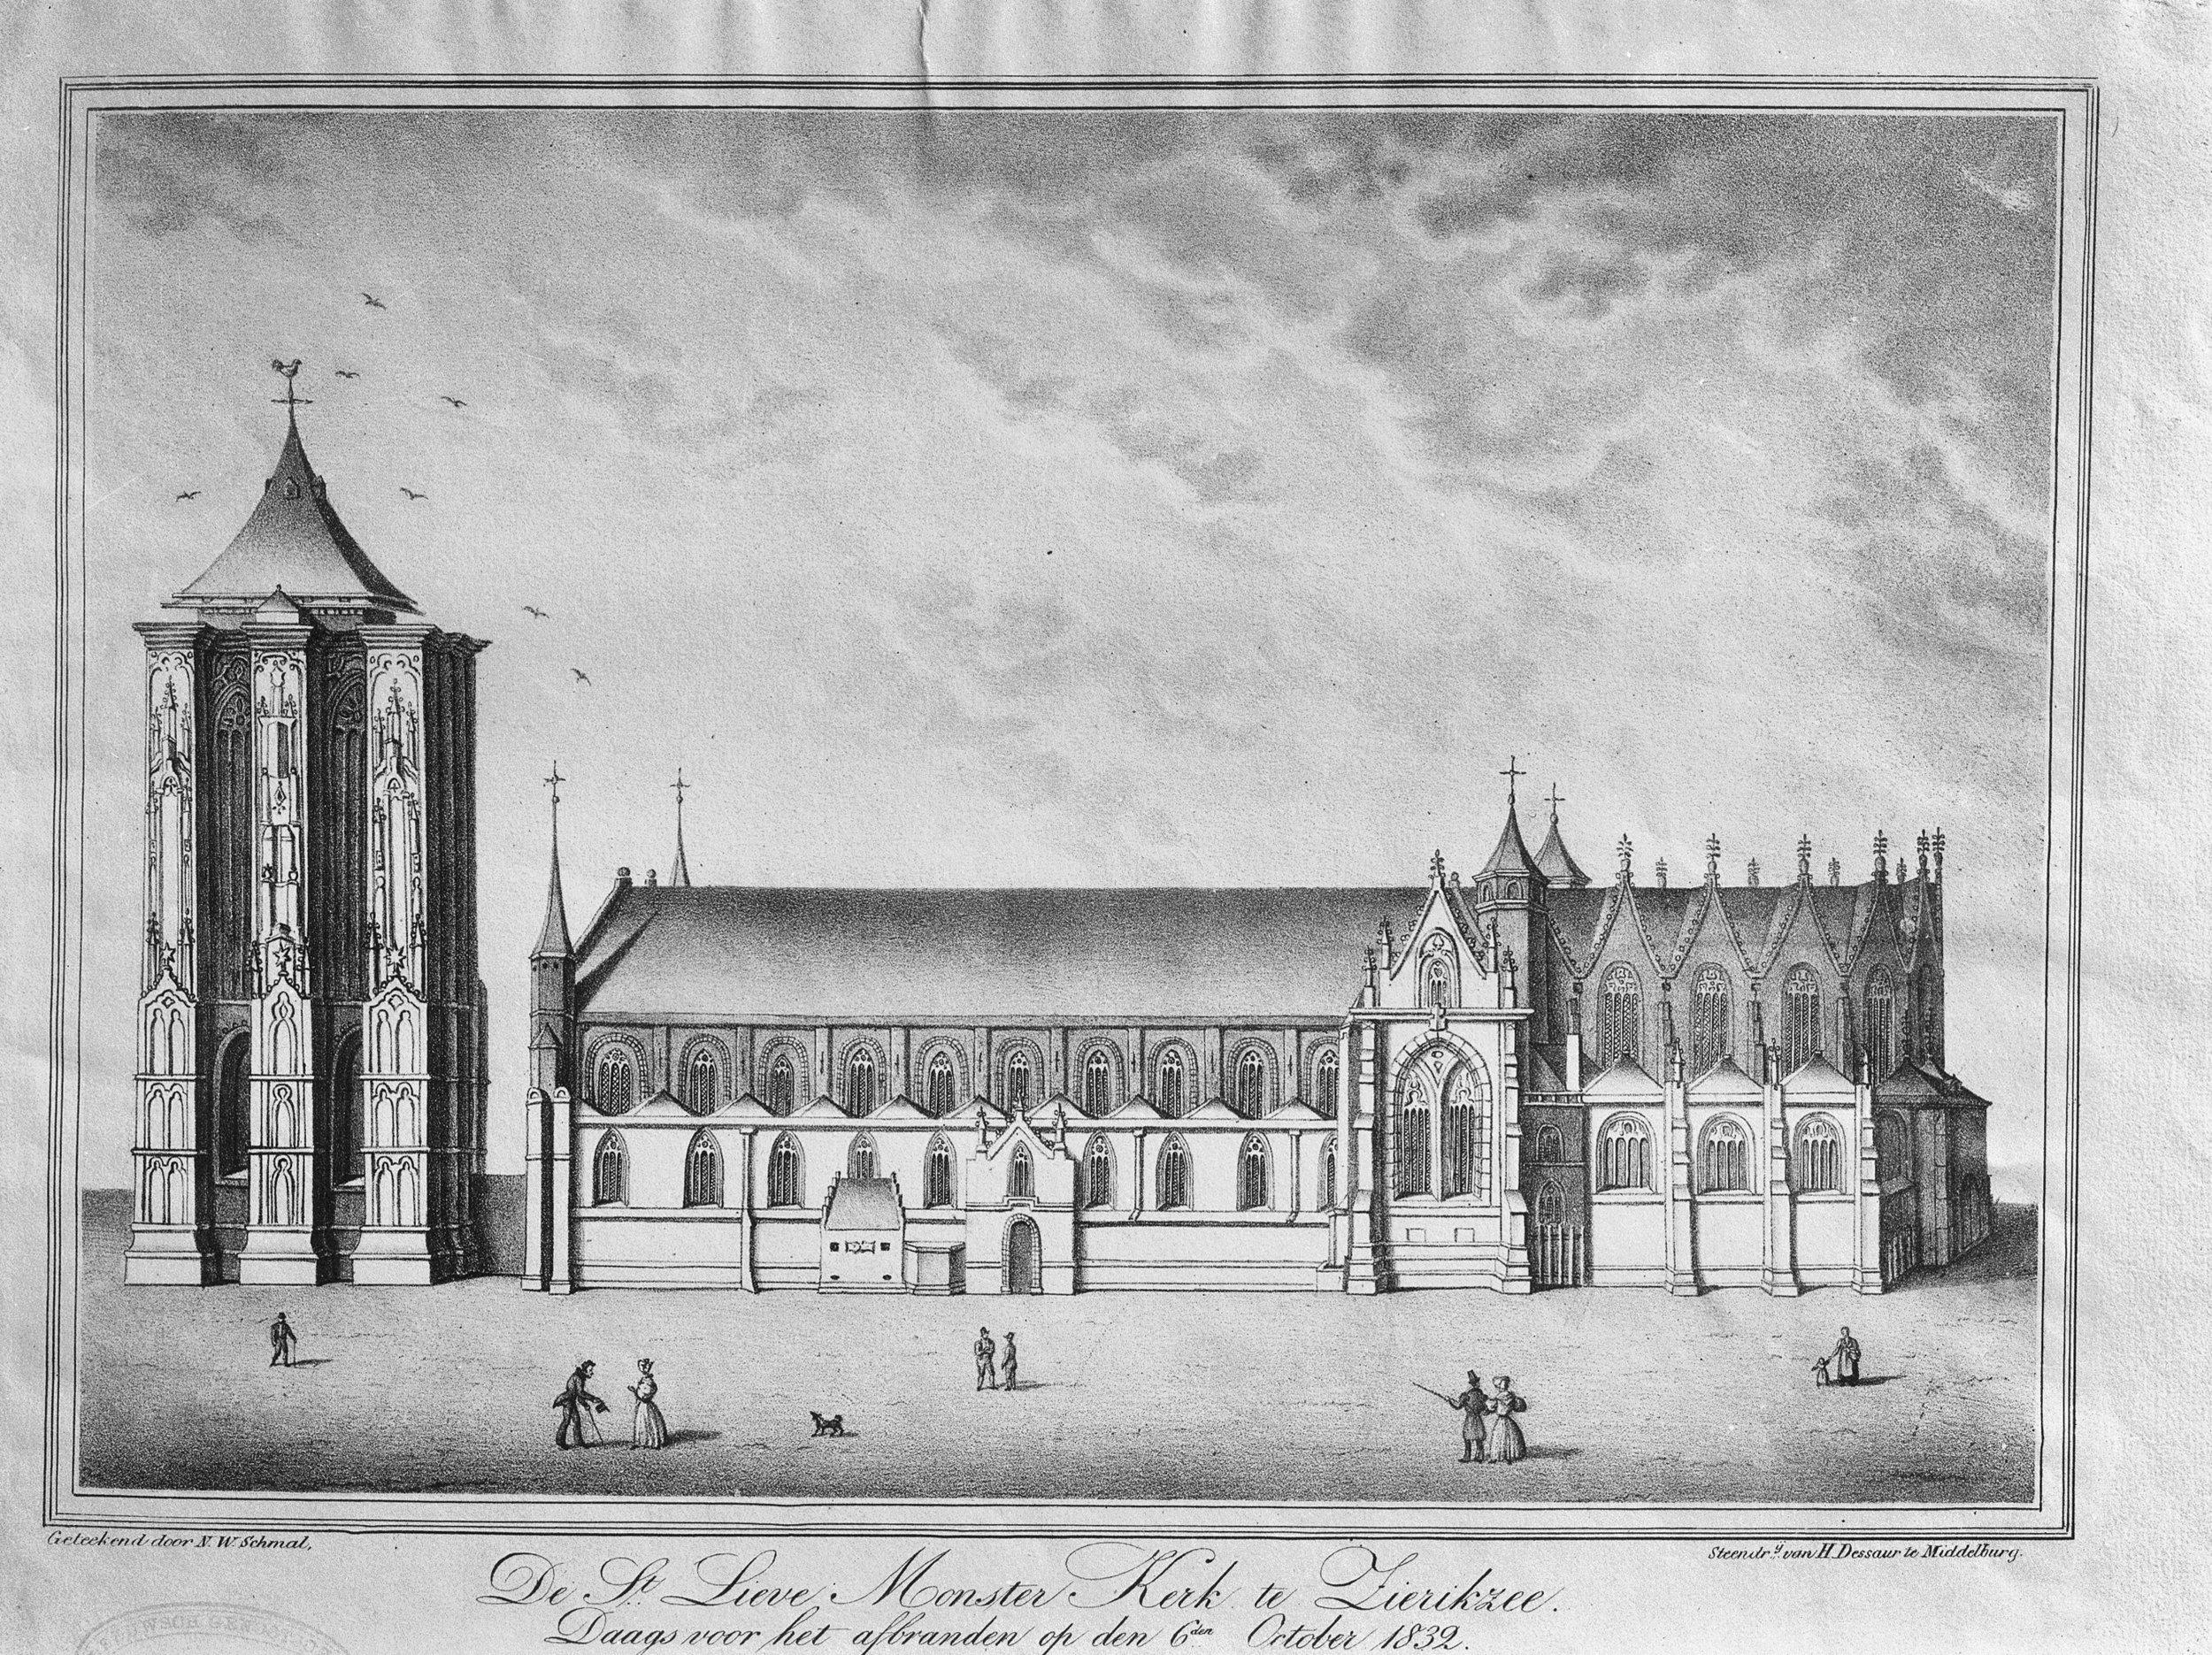 Reproductie van een tekening van de St. Lieve Monster Kerk voor het afbranden op 6 oktober 1832, NW Schmal.